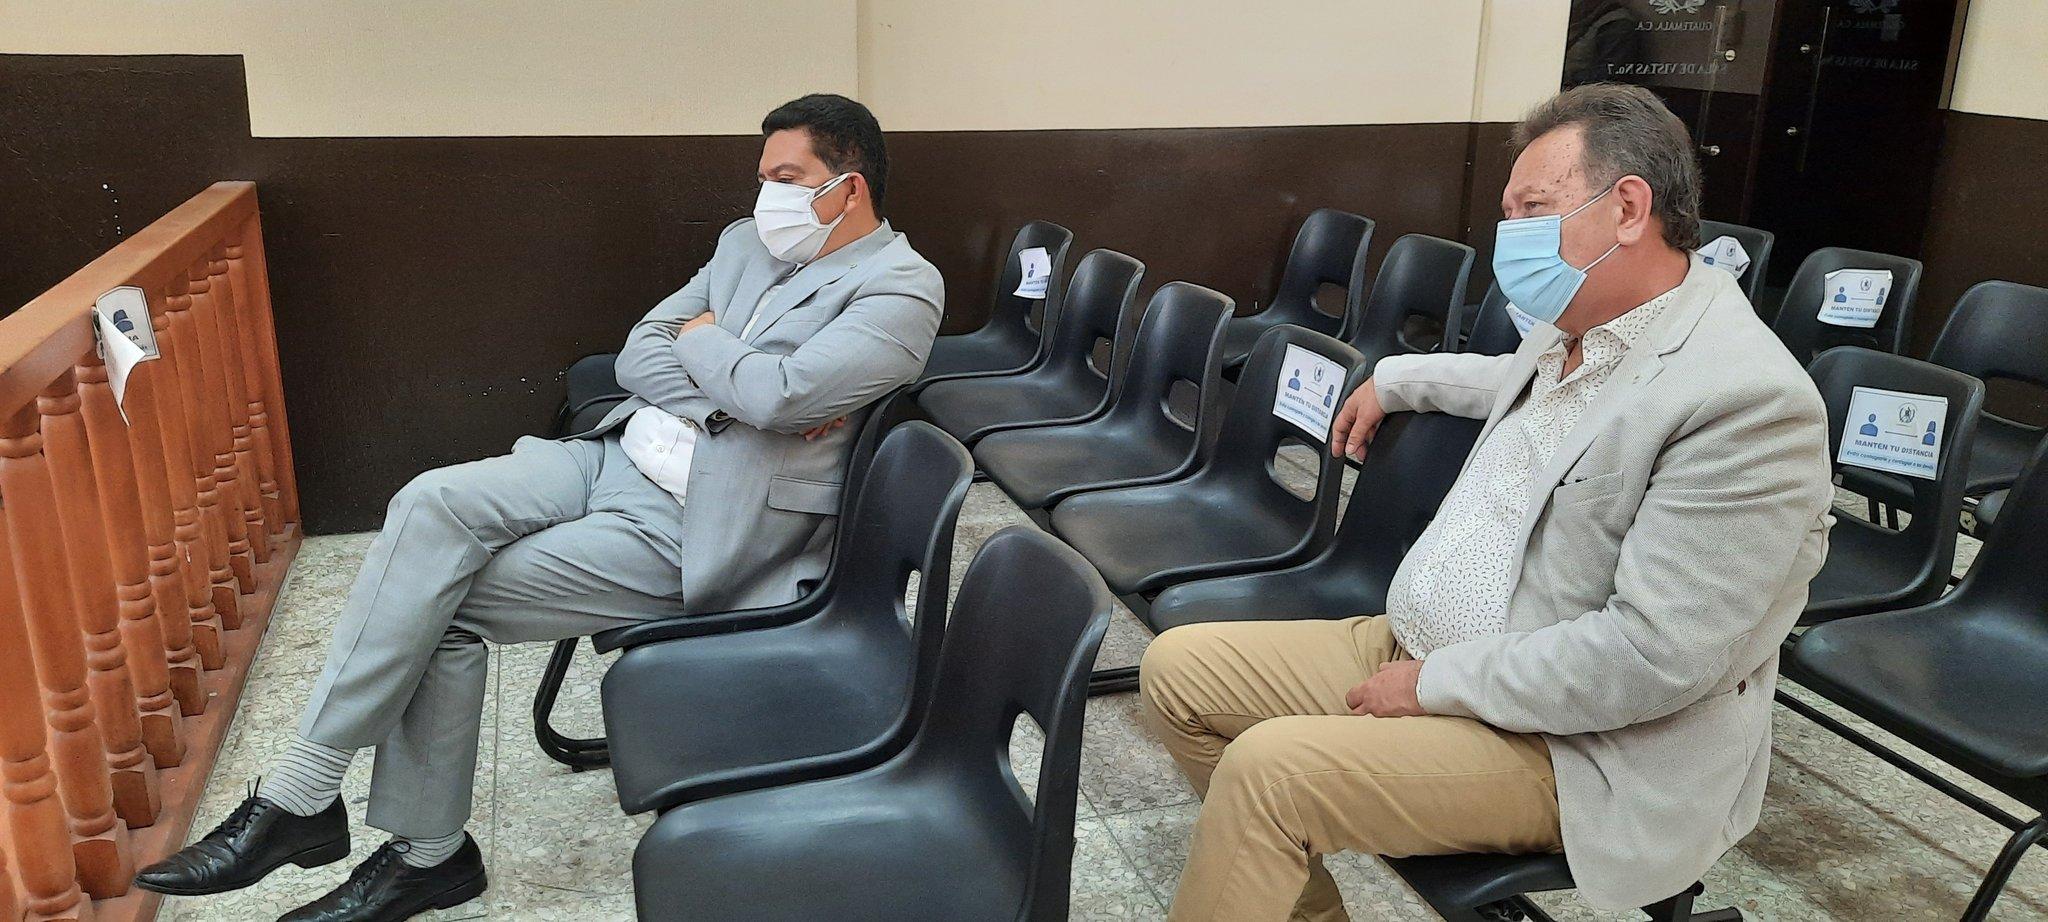 El juzgado de mayor riesgo D, ha dado inicio a la audiencia de primera declaración en contra del abogado Francisco García Gudiel y de William Darío Molina. Ambos son señalados de ocultar al exdiputado José Samayoa Soria quien era buscado para enfrentar la justicia.